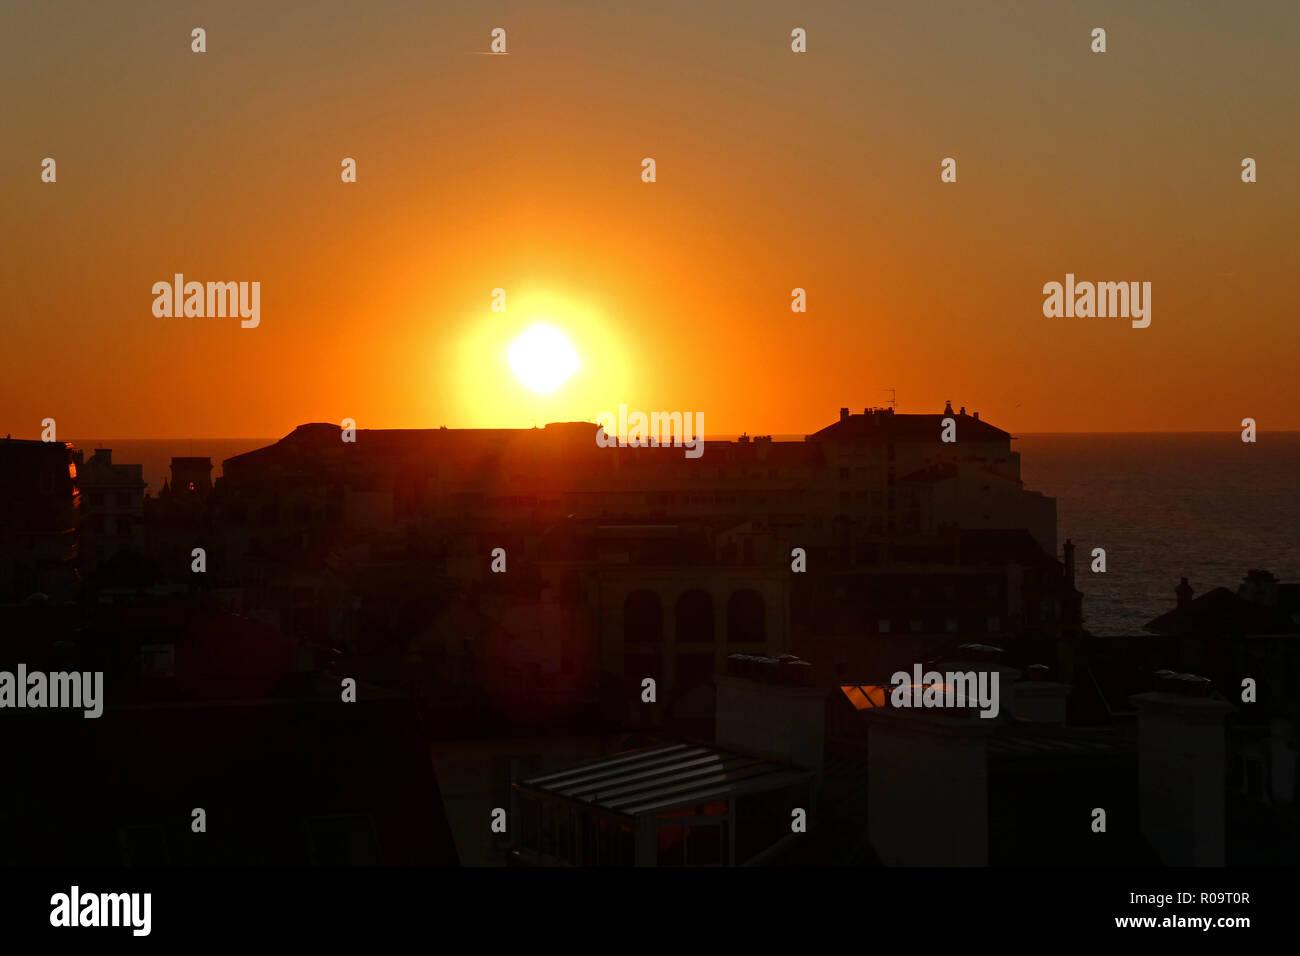 Sonnenuntergang in Biarritz, Pyrénées-atlantiques, Nouvelle-Aquitaine, Frankreich, Europa Stockbild